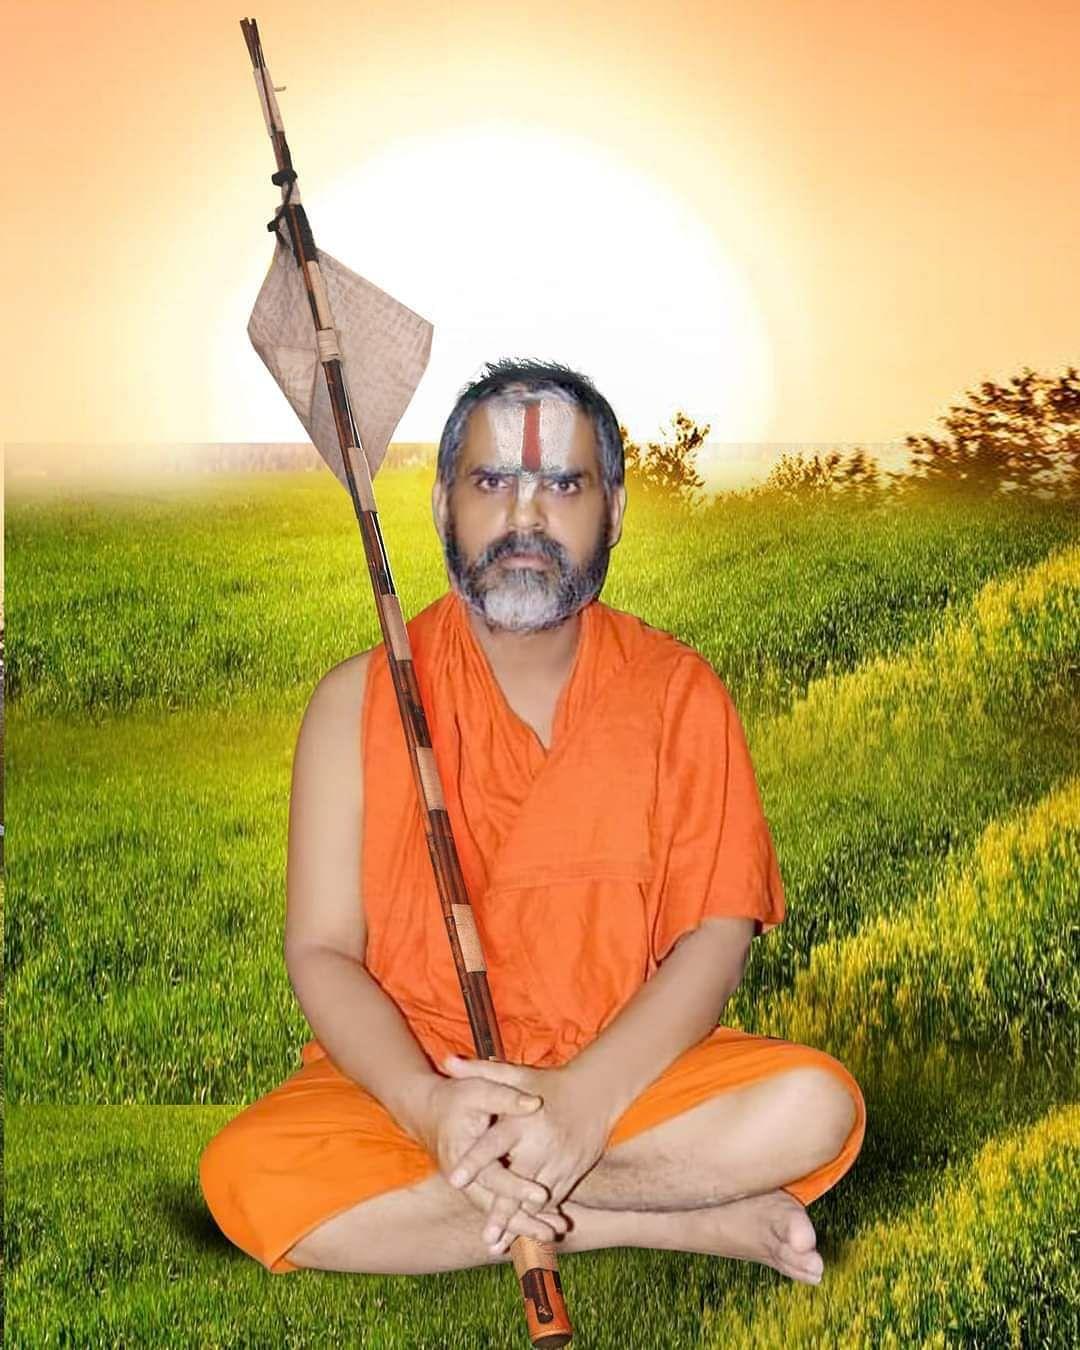 भोजपुर के जगदीशपुर में महान संत जीयर स्वामी का आगमन,शुरू हुआ श्री लक्ष्मी नारायण यज्ञ